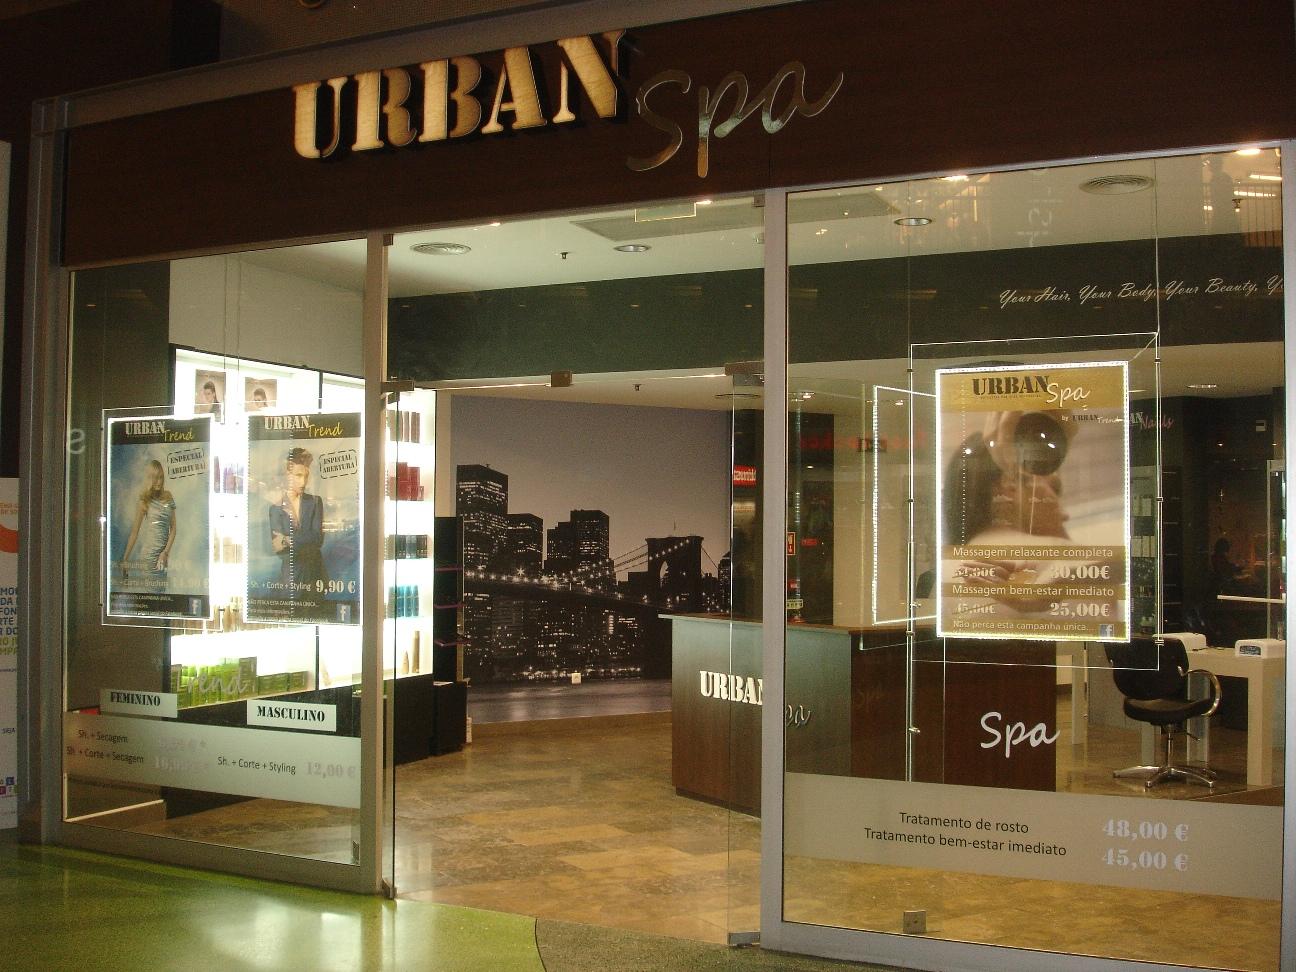 Elite Fashion E Beauty Spa: Beauty & Fashion Lounge: Urban Spa